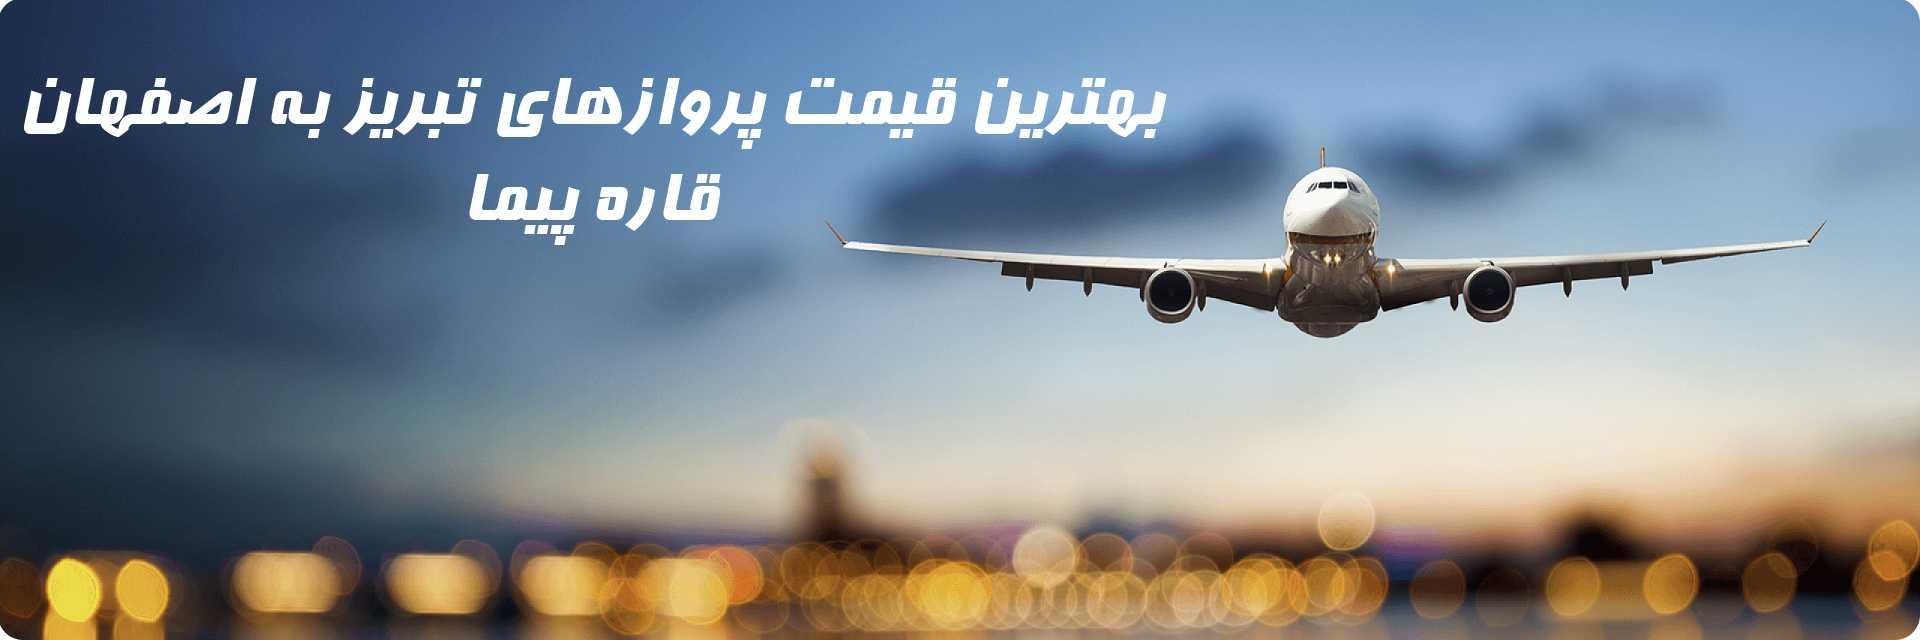 بلیط هواپیما تبریز اصفهان